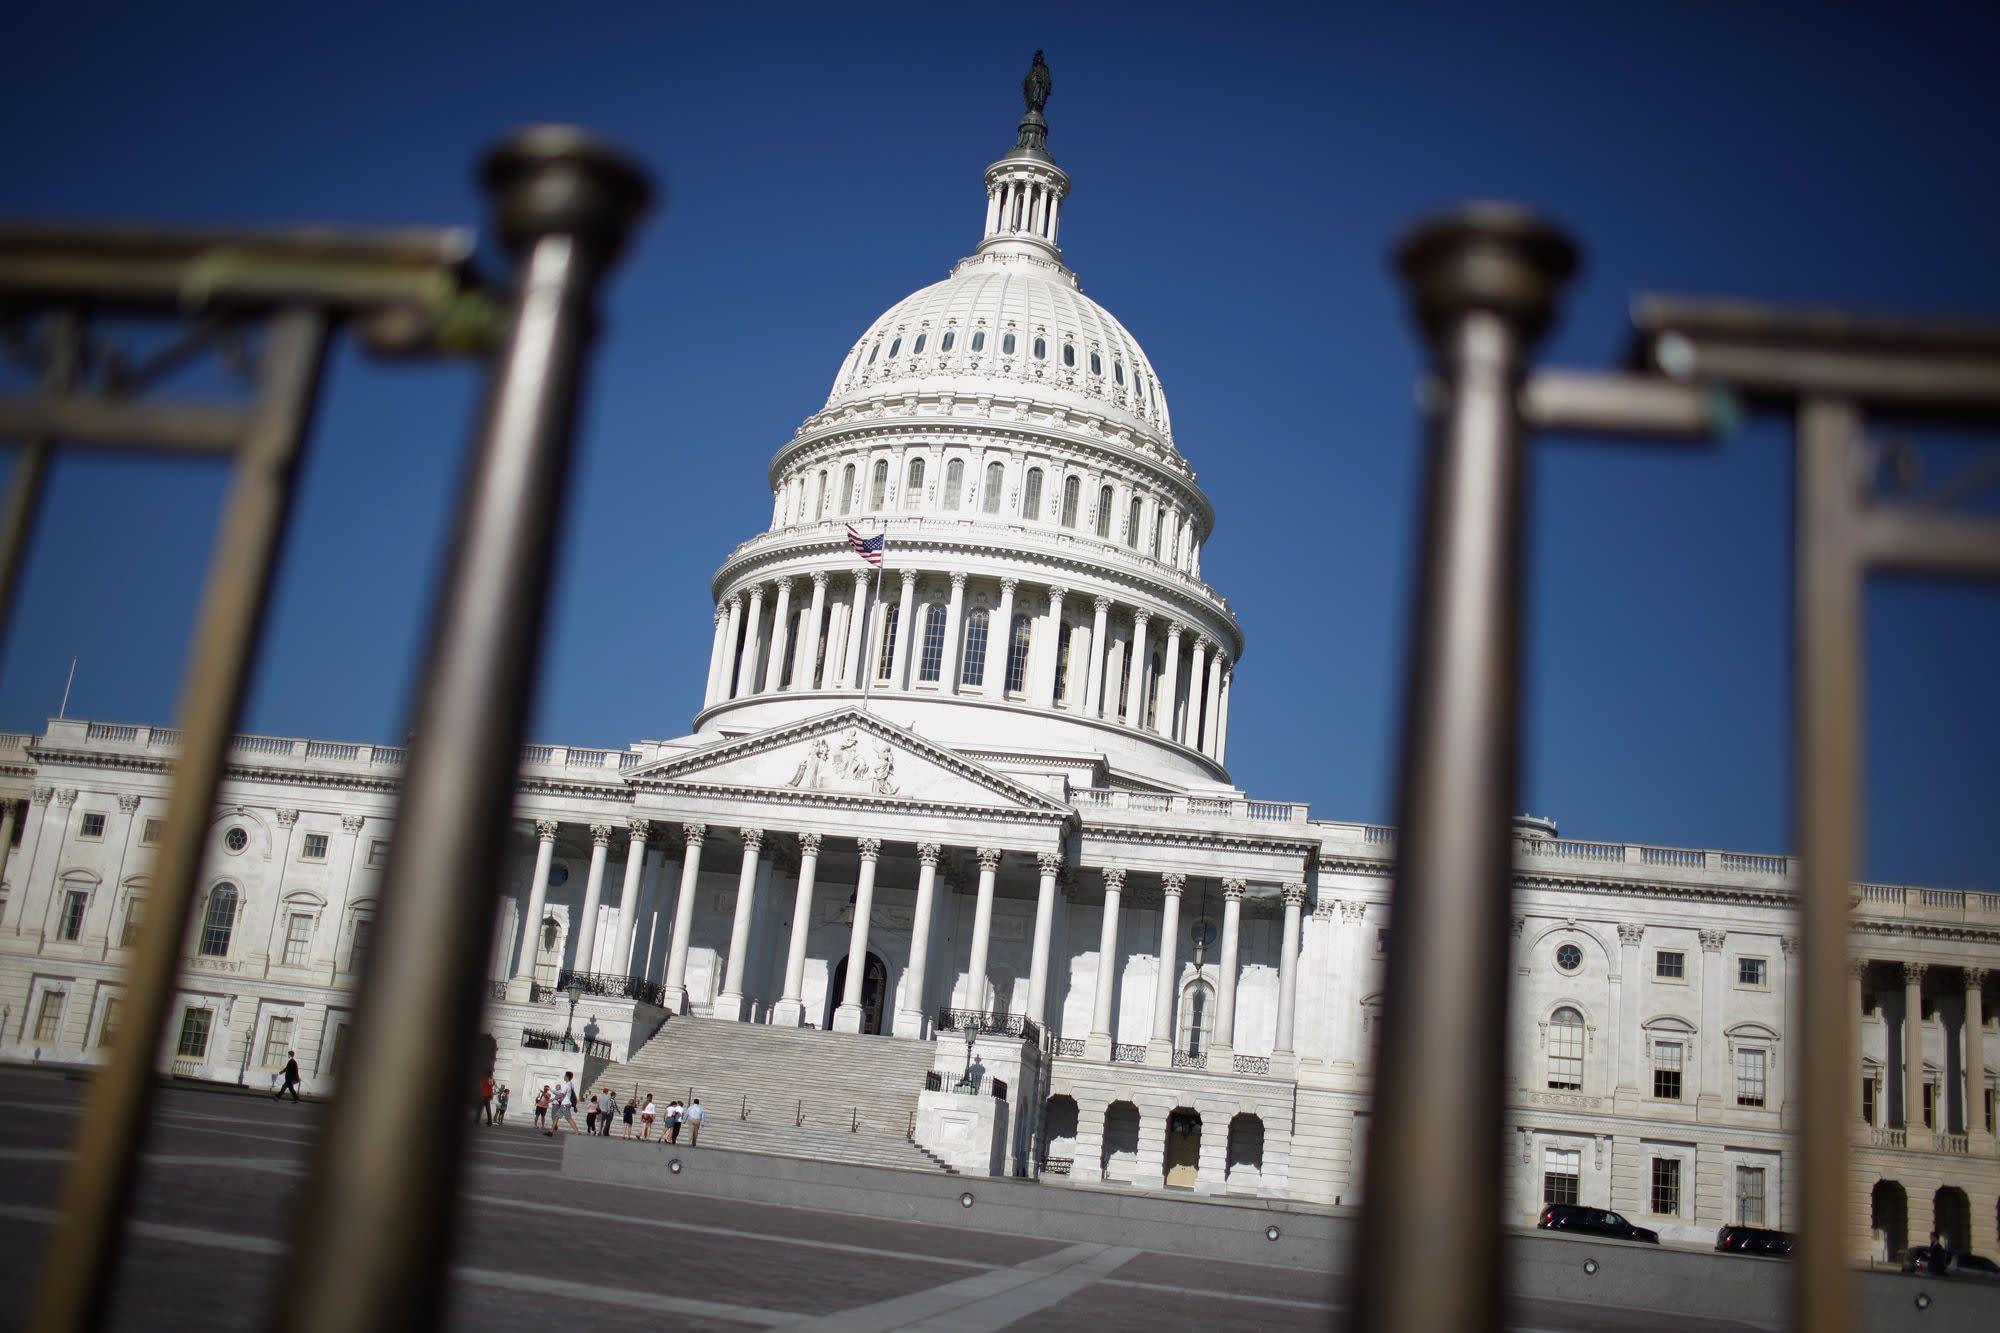 Extend contractor reimbursement period, trade groups urge Congress